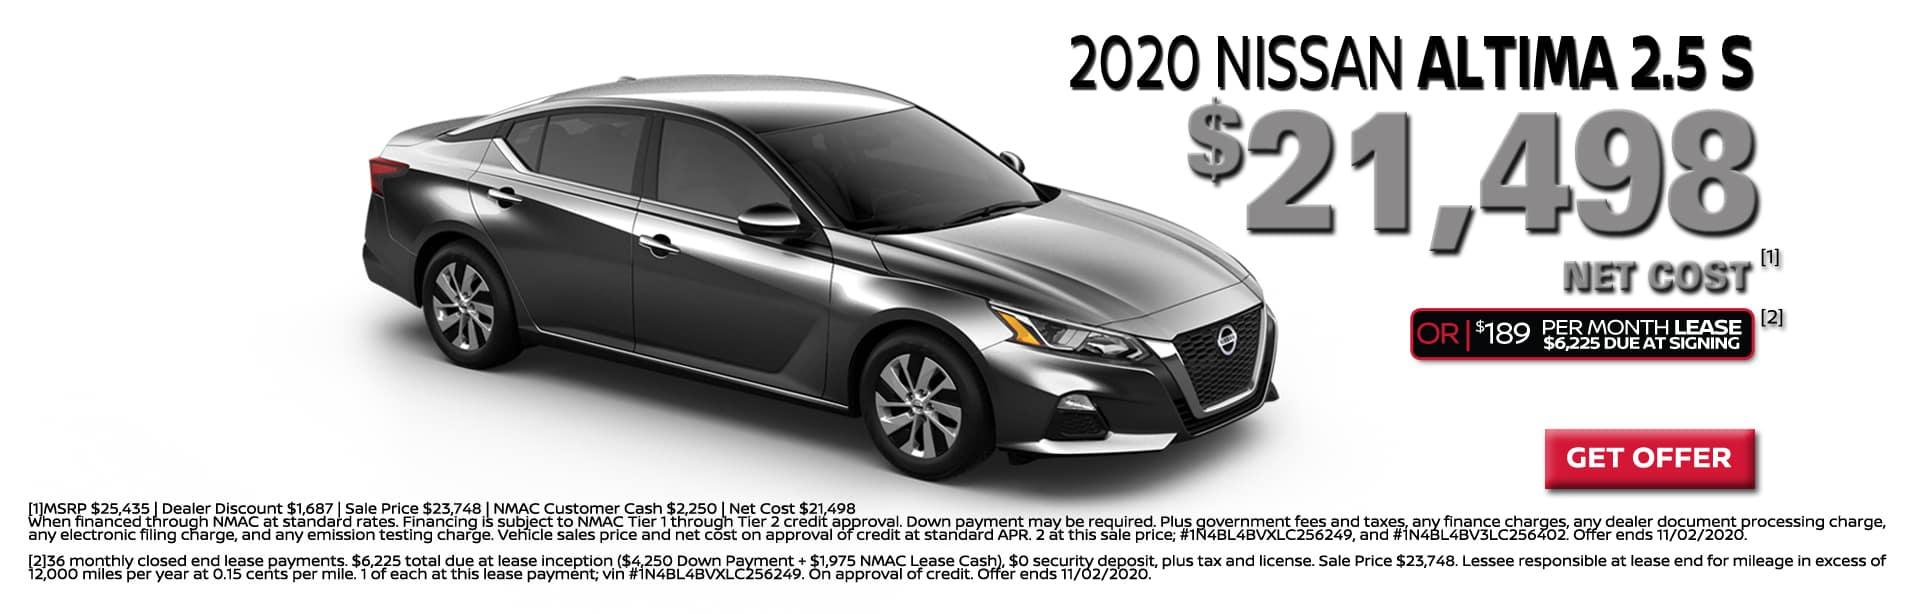 DealerInspire_2020-Nissan_Altima_Oct20